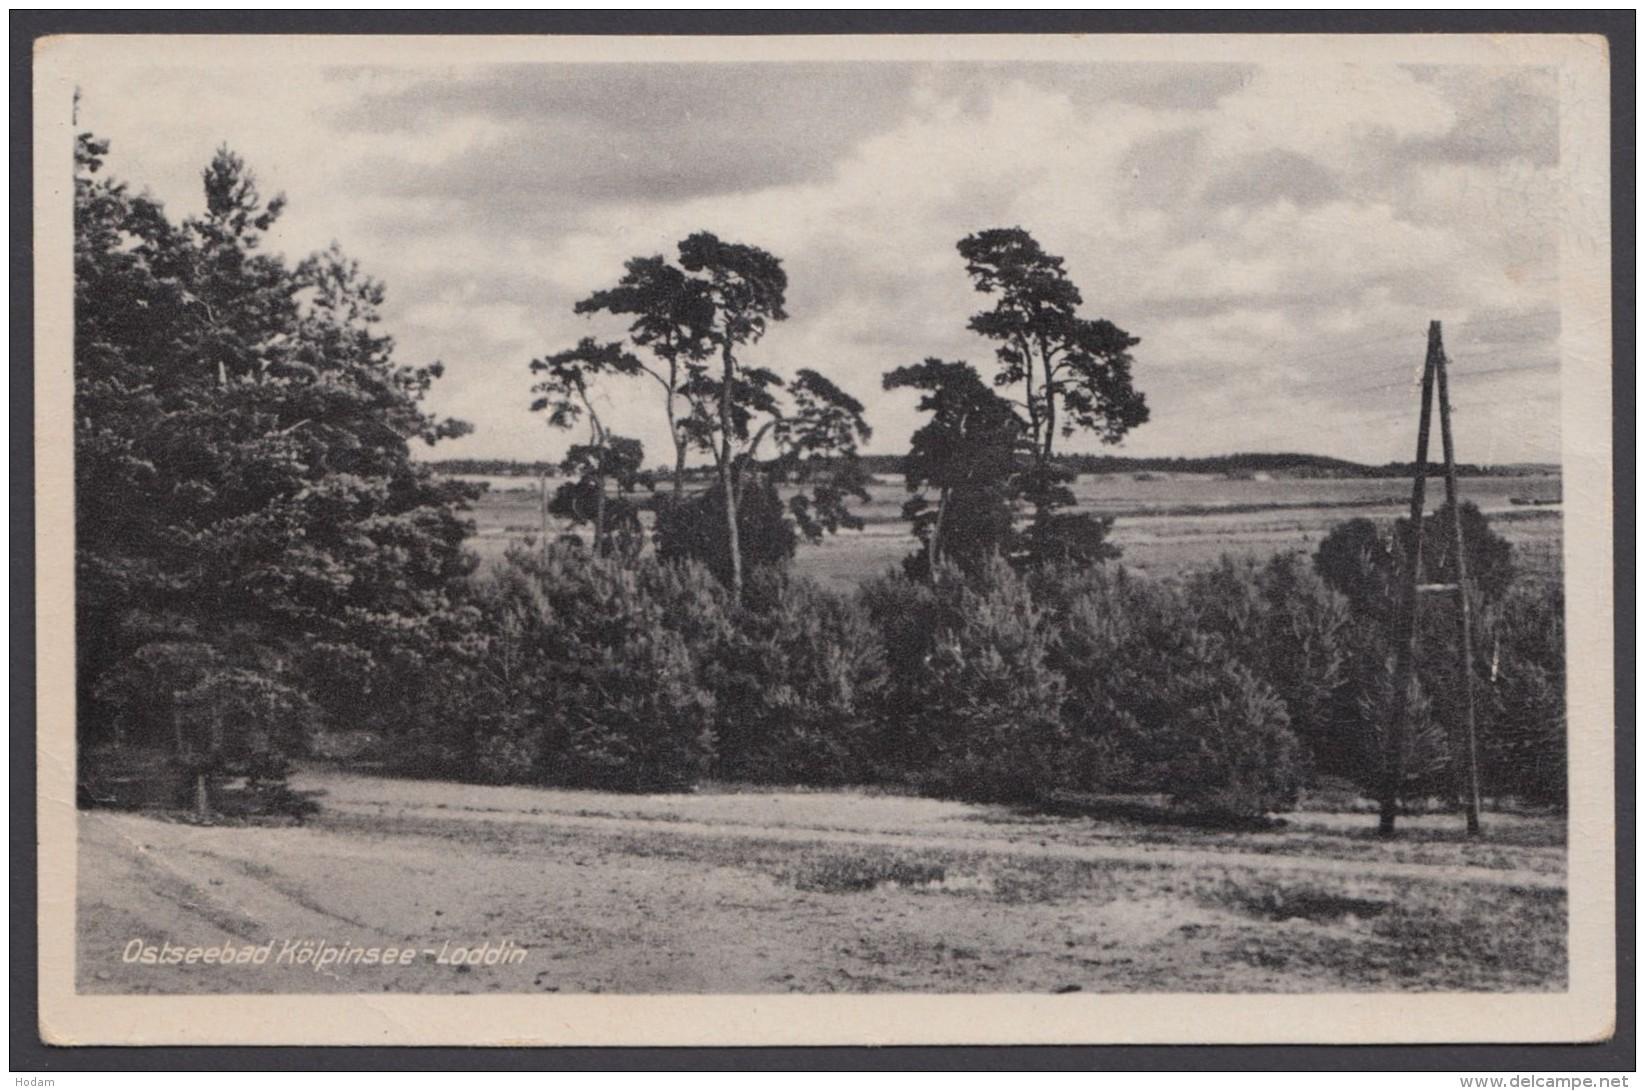 """""""Kölpinsee-Loddin"""", Ostseebad, Fotokarte, 1954 - Deutschland"""